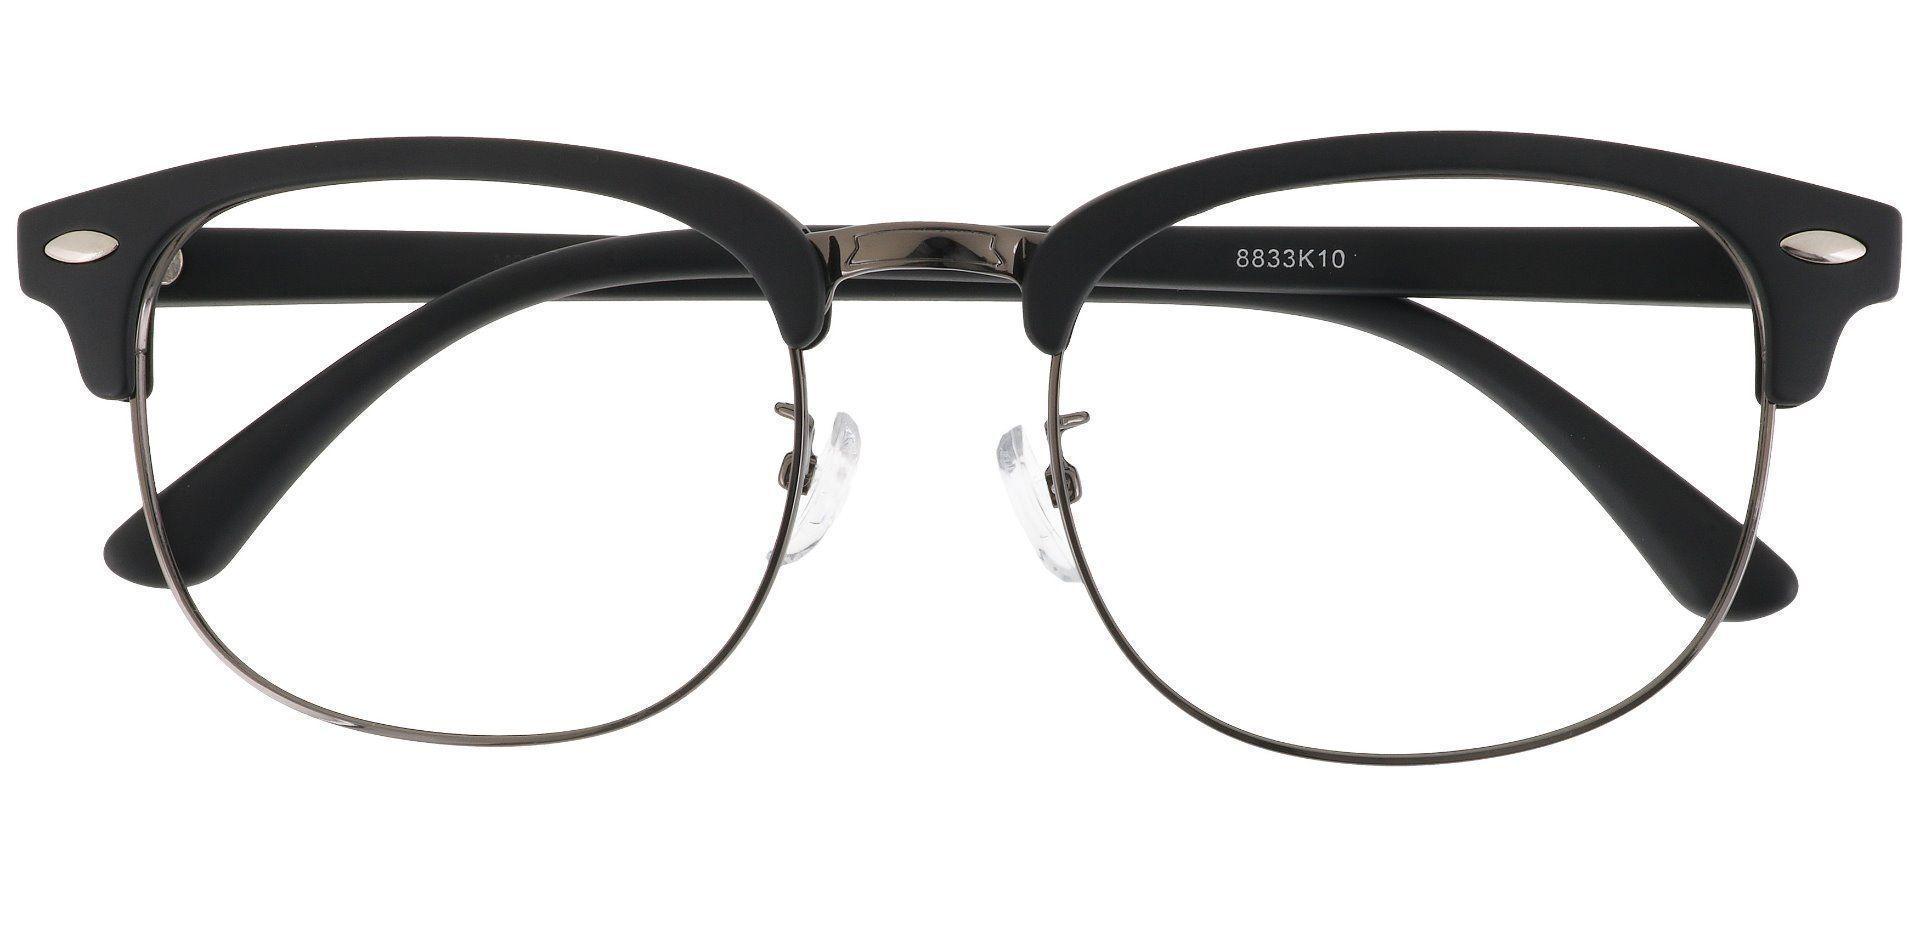 Tulsa Browline Prescription Glasses - Black